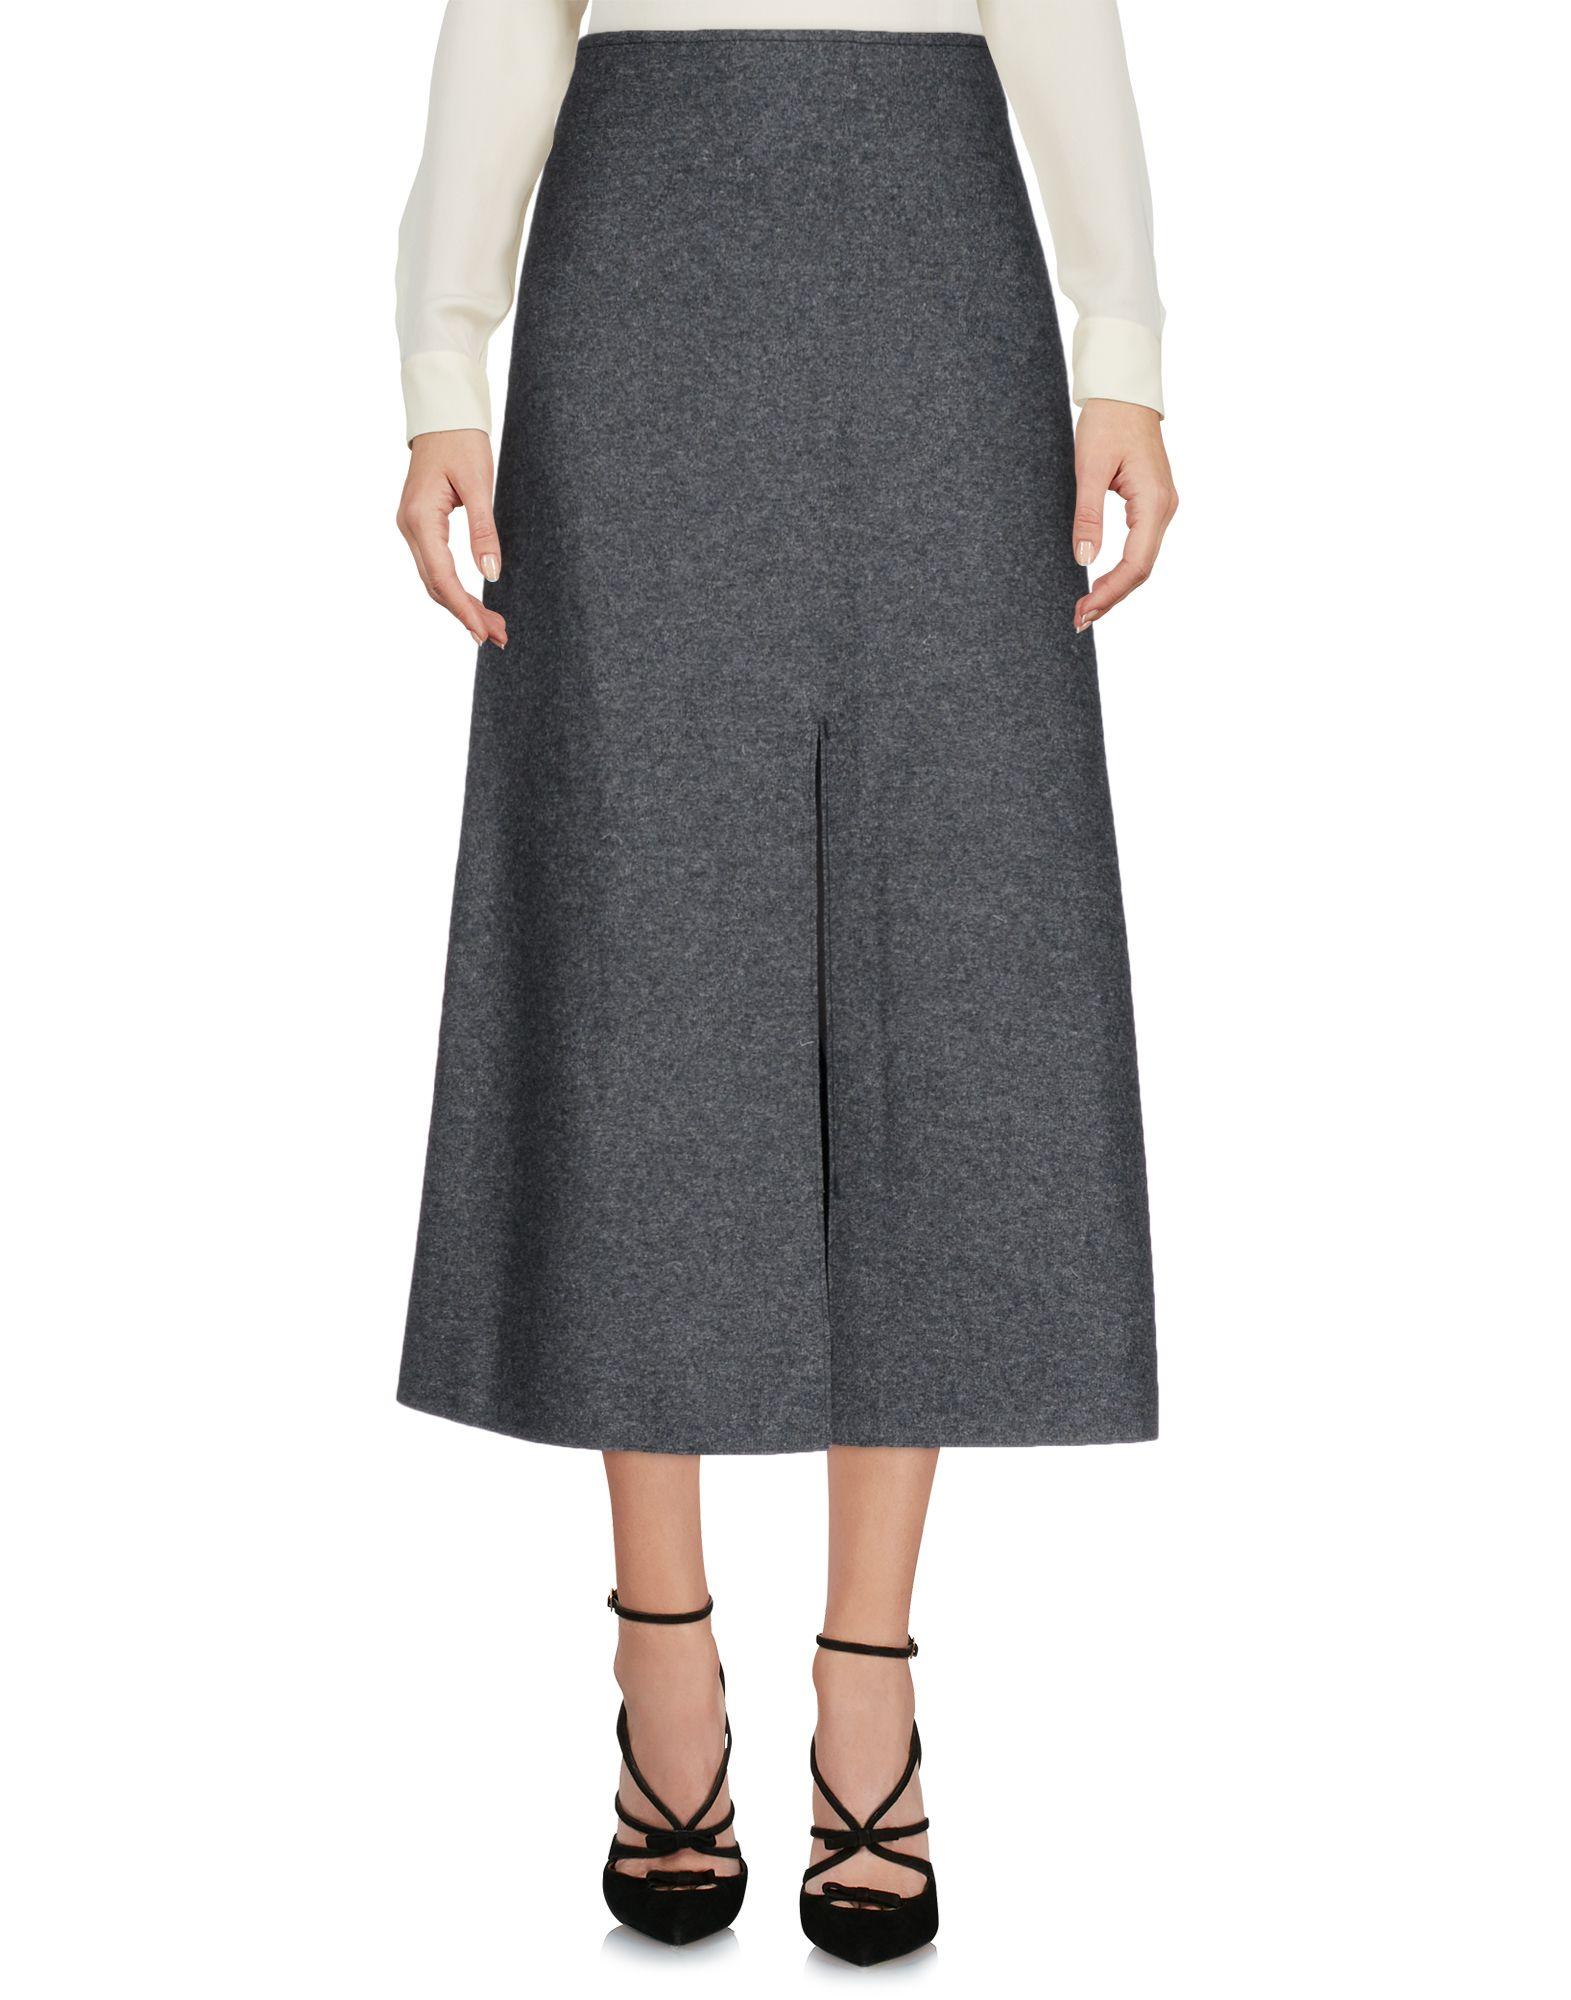 CALVIN KLEIN COLLECTION Юбка длиной 3/4 sh collection юбка длиной 3 4